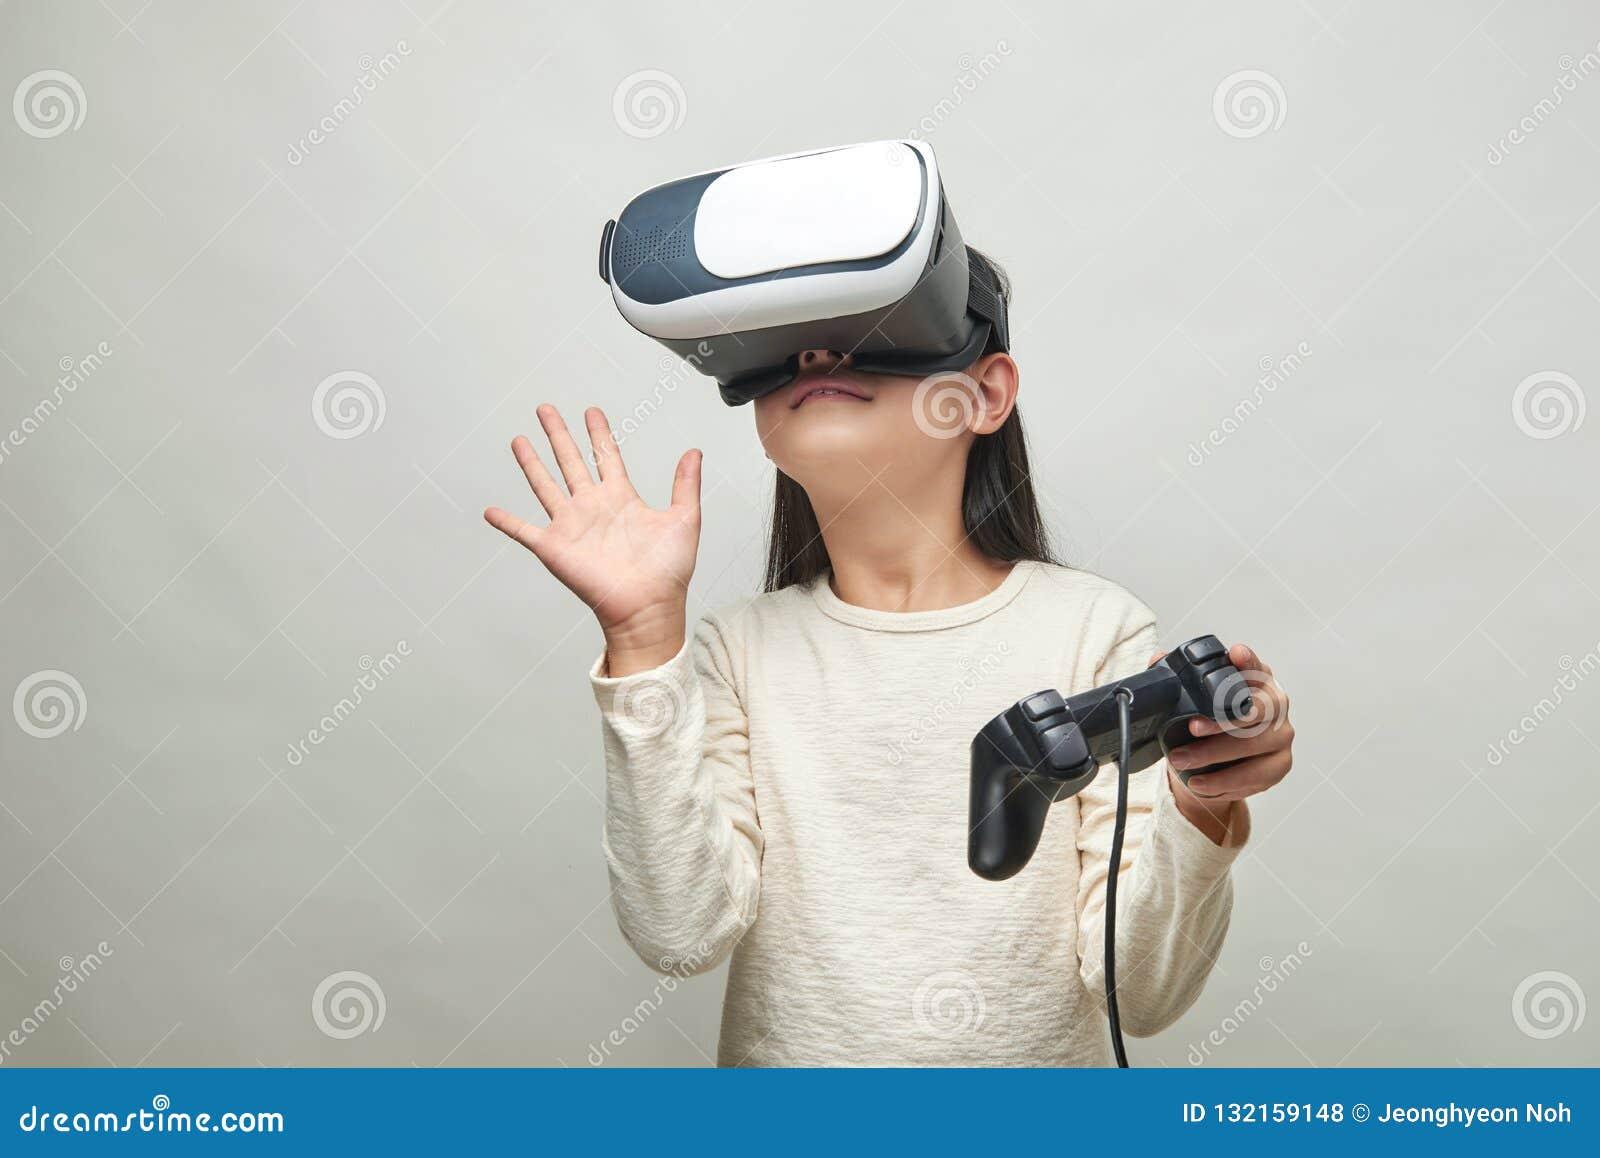 Χαμογελώντας κορίτσι με τα γυαλιά της εικονικής πραγματικότητας